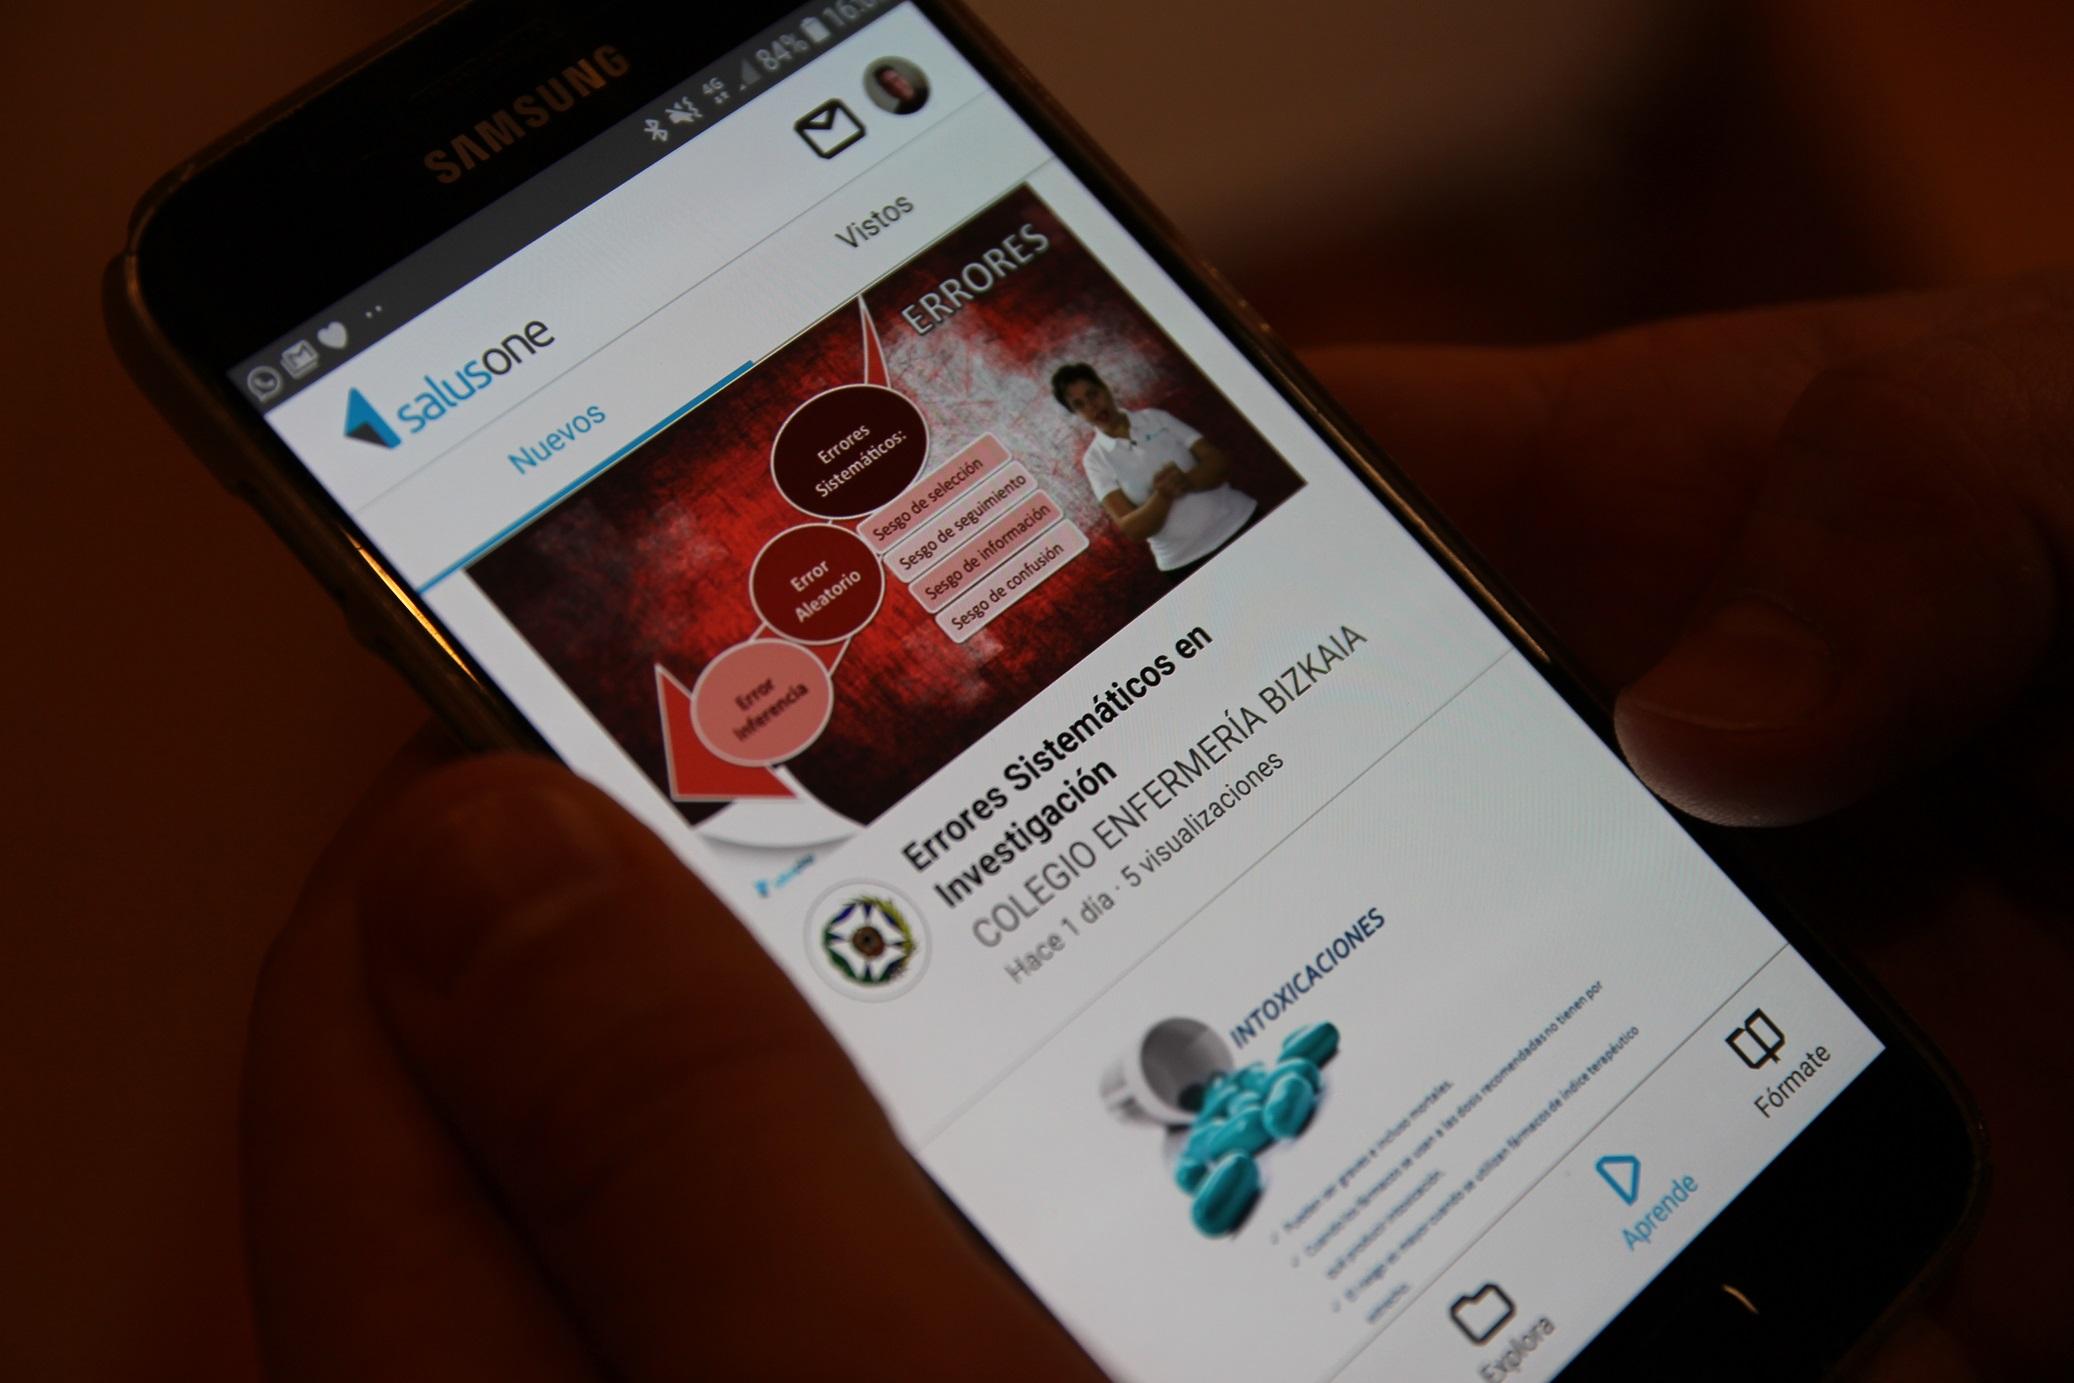 Los enfermeros de Vizcaya podrán resolver dudas con una herramienta de inteligencia artificial